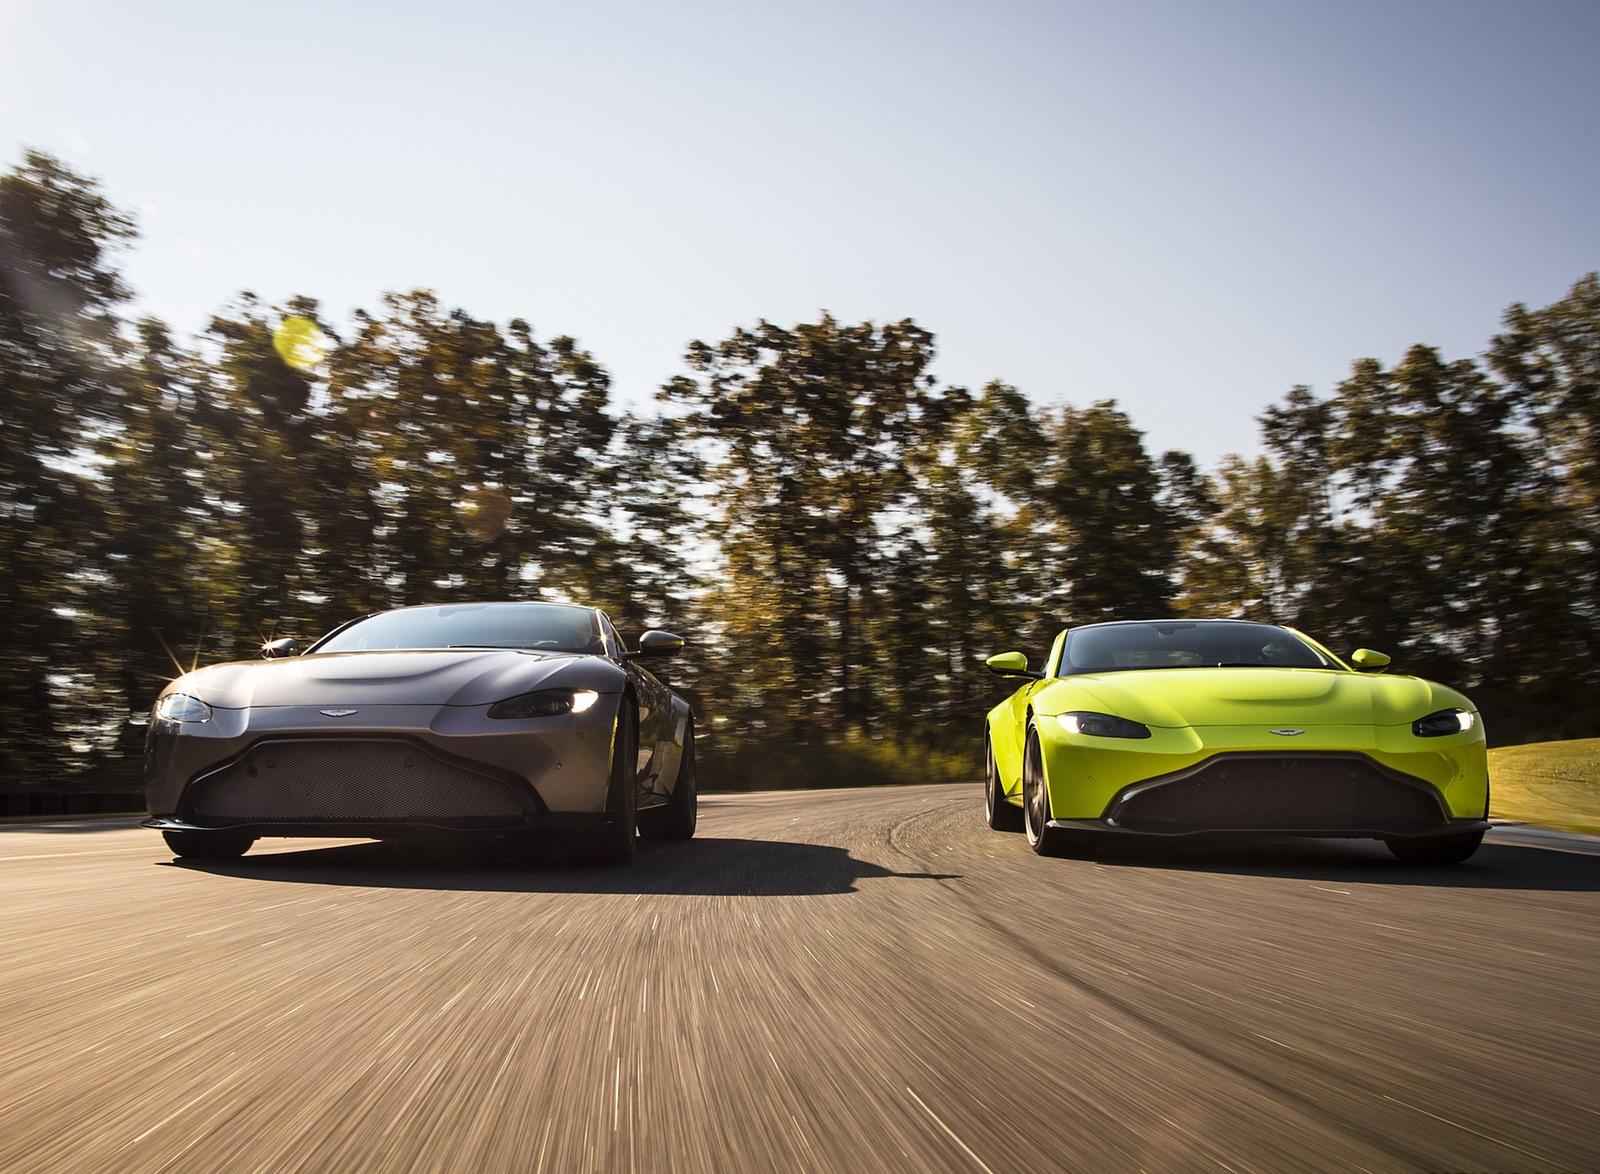 2019 Aston Martin Vantage Wallpapers (3)